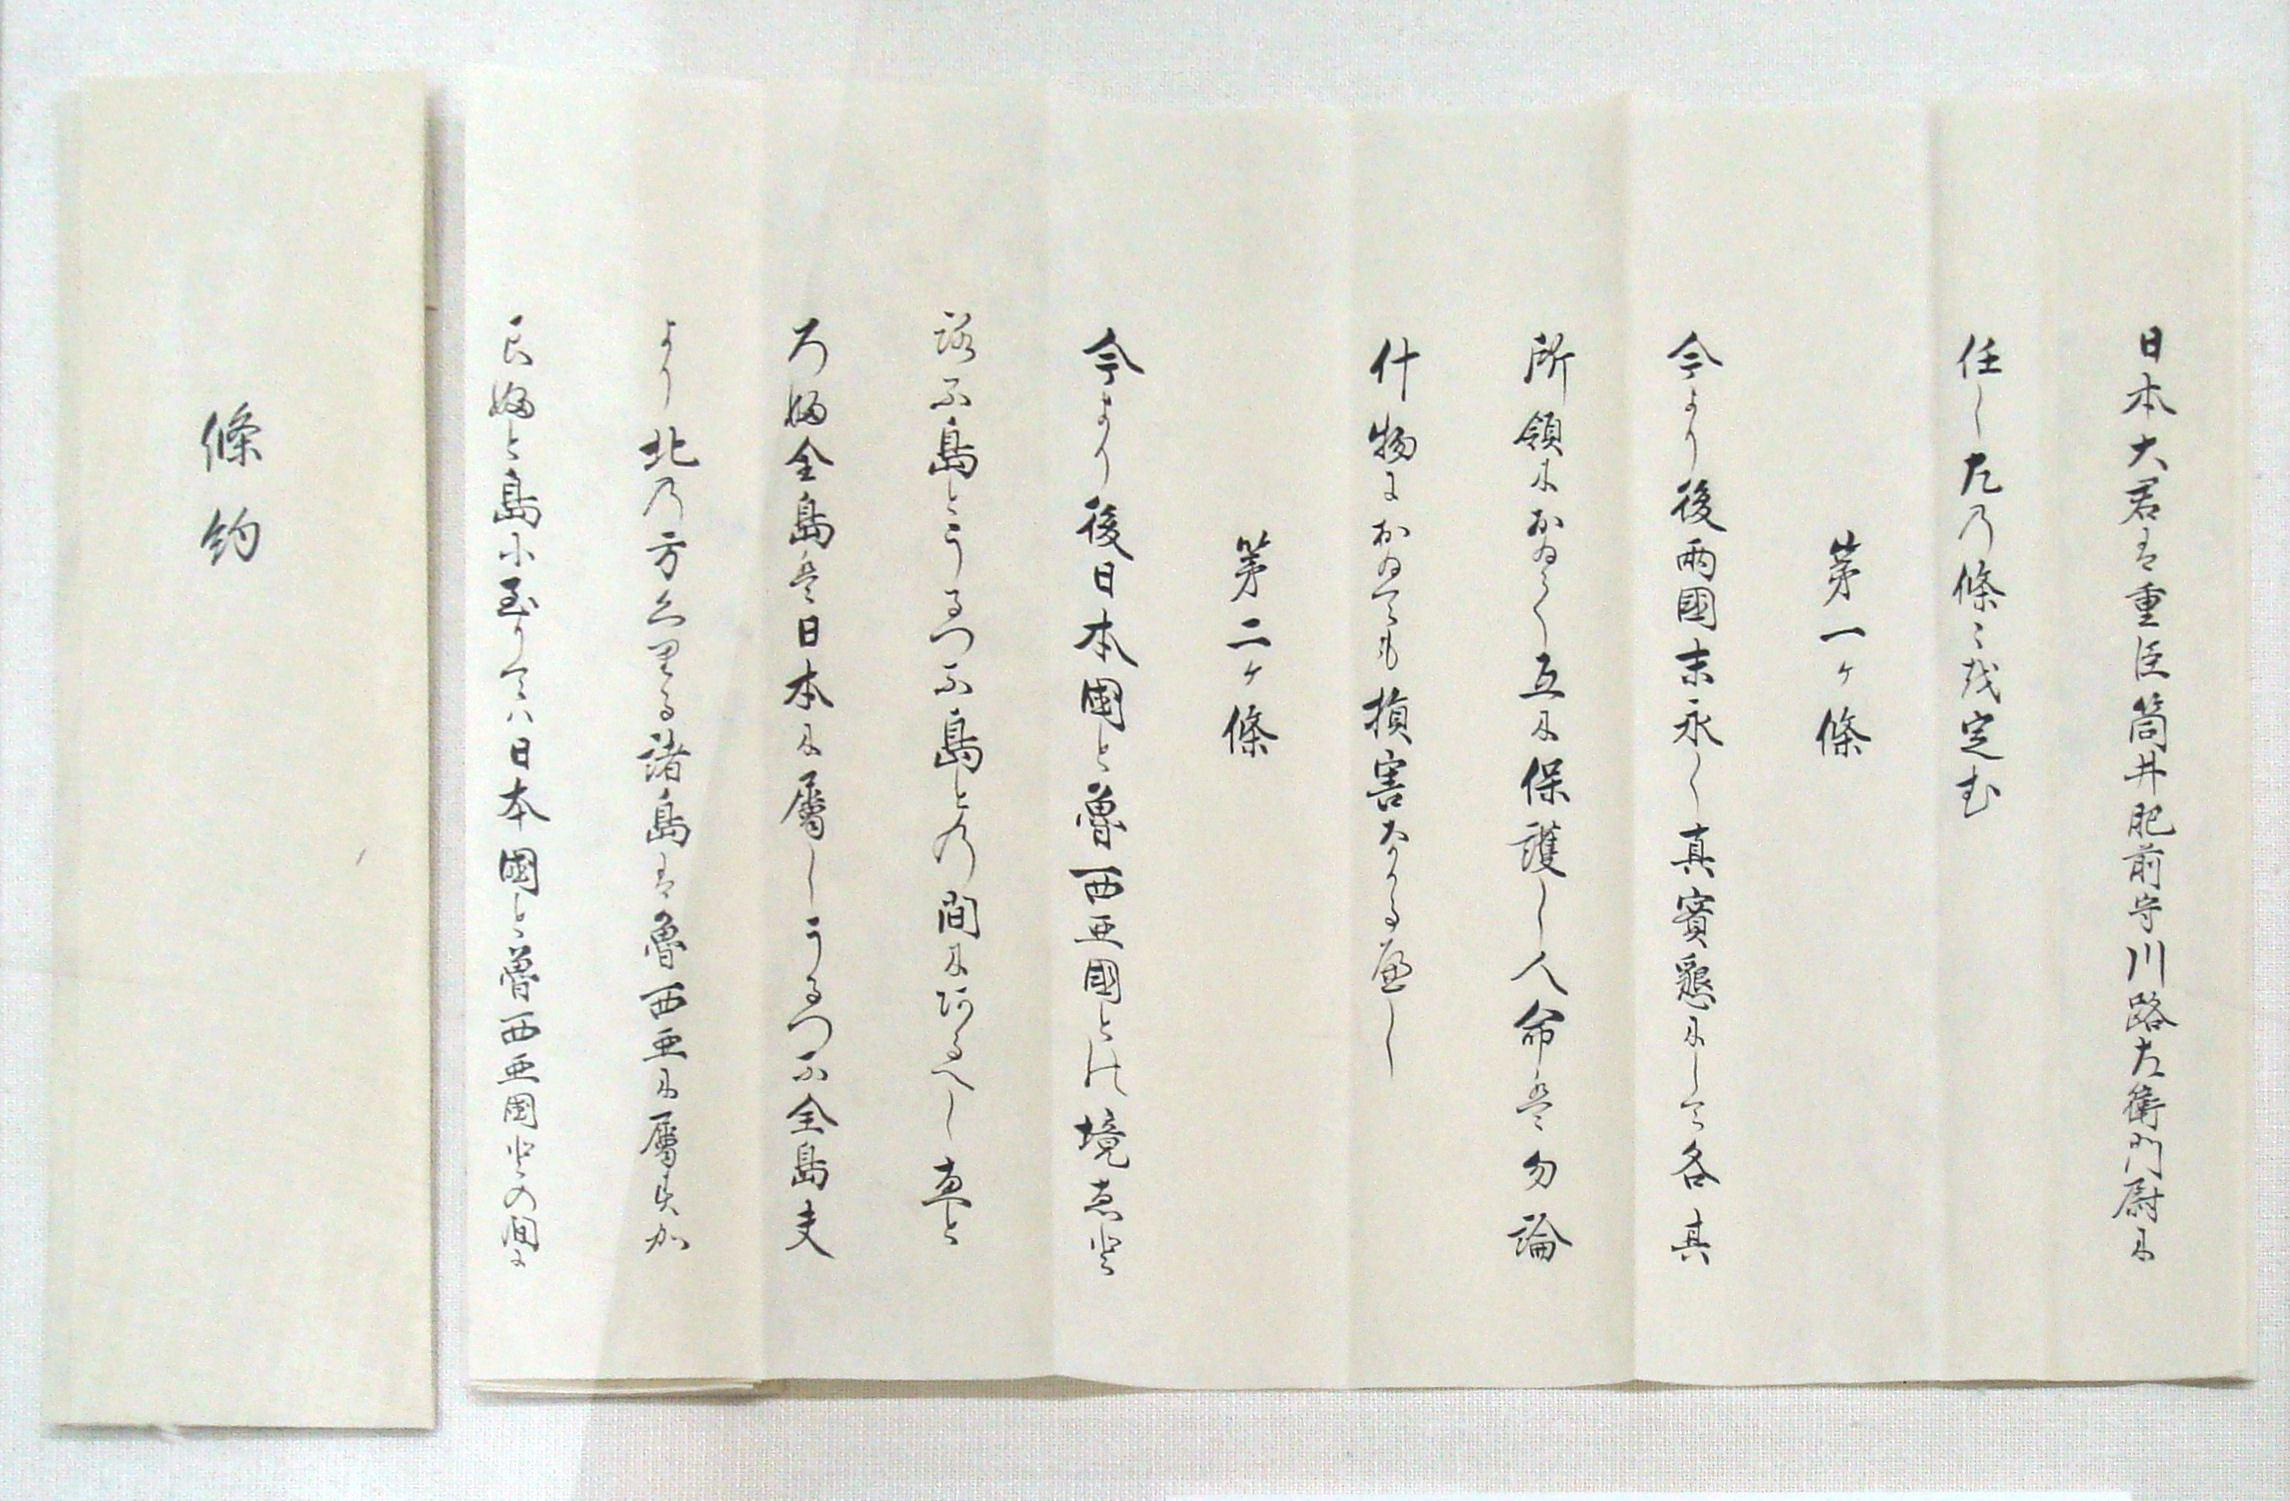 日露和親条約 - Wikipedia